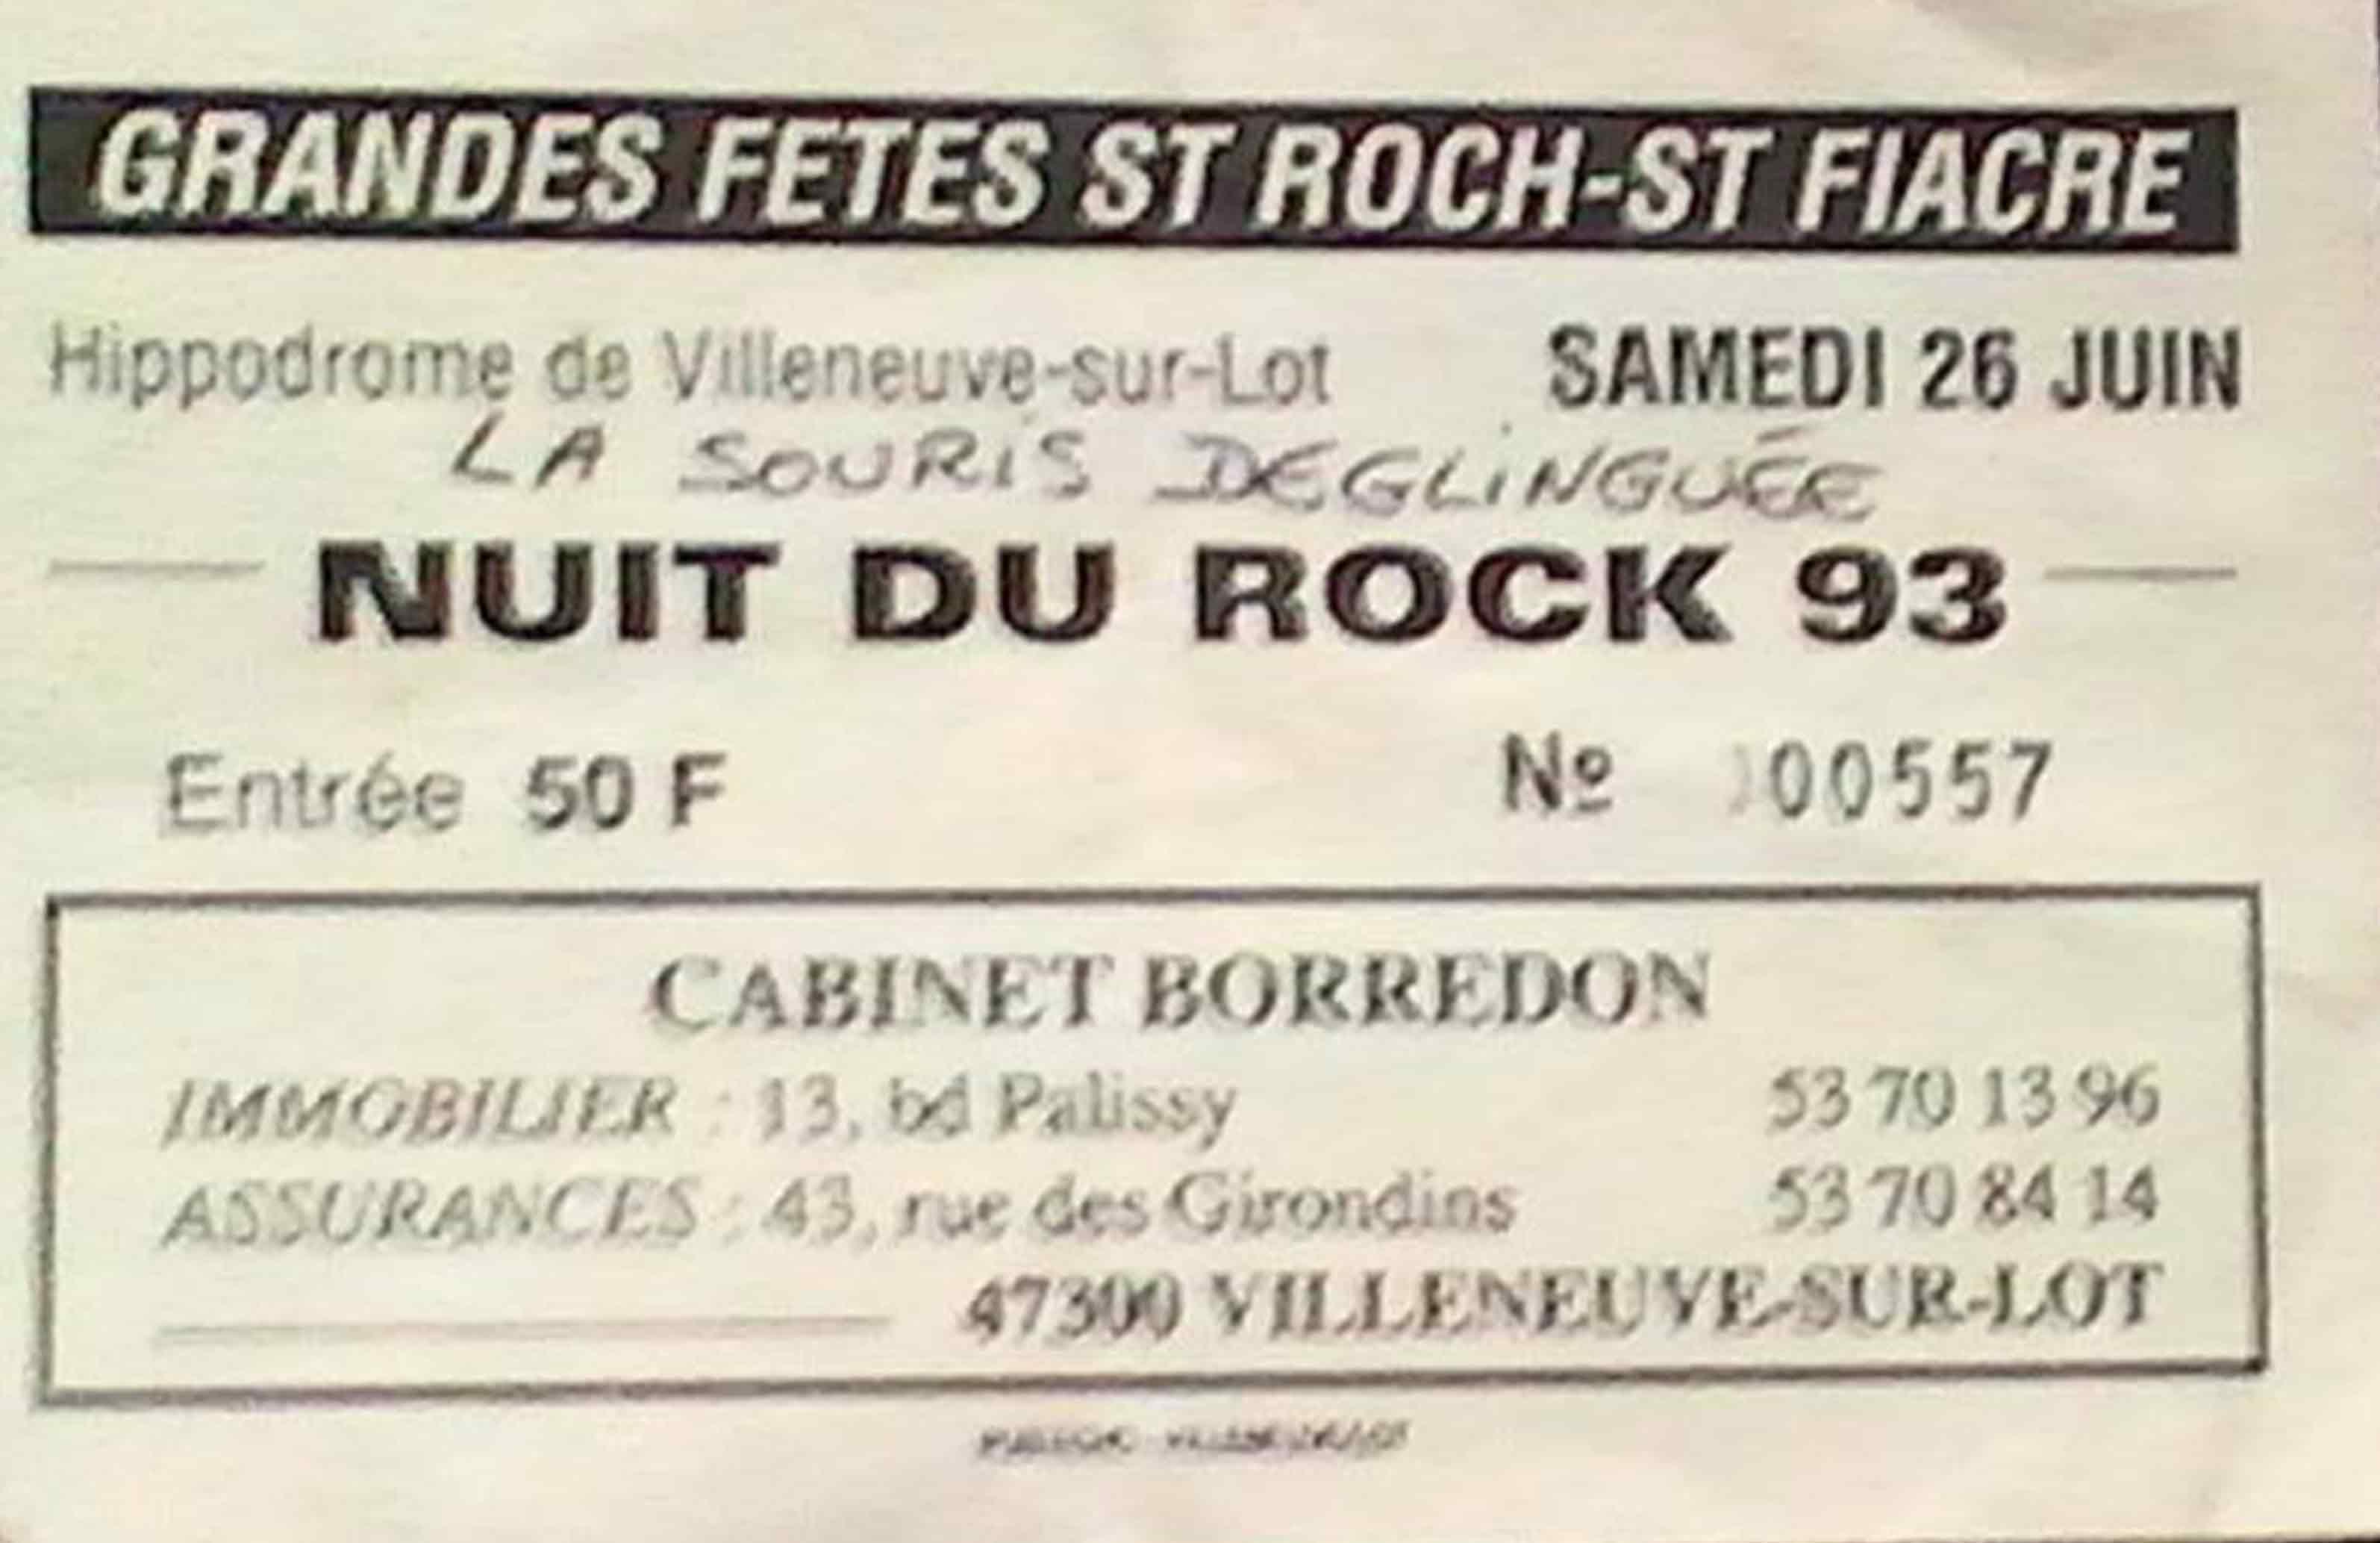 26 juin 1993 La Souris Deglinguée à Villeneuve sur Lot